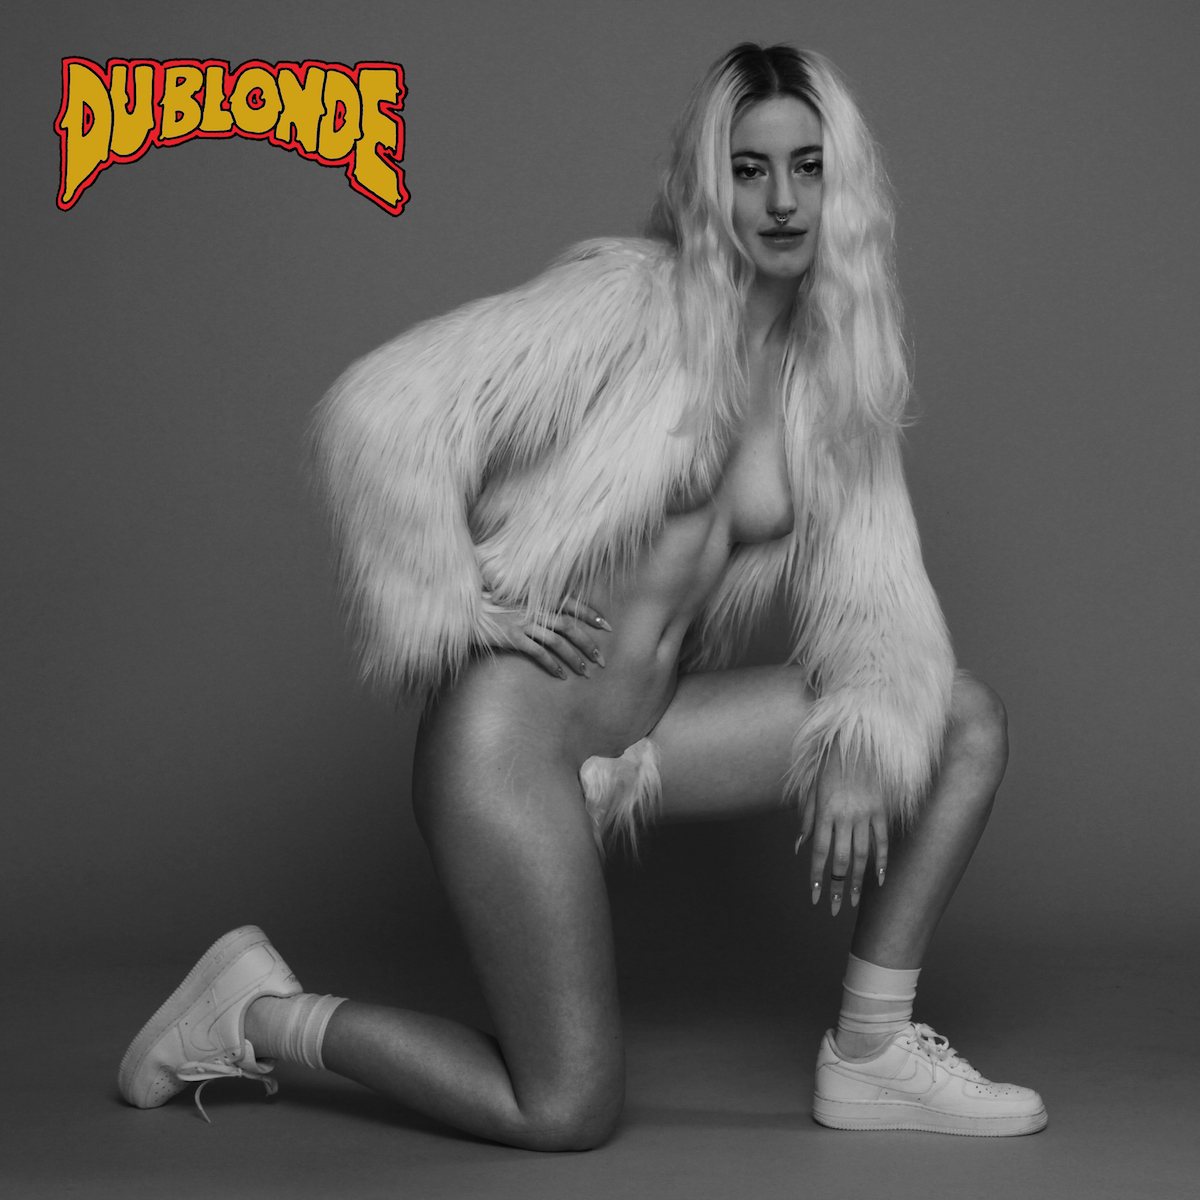 Du Blonde - Beth Jeans Houghton